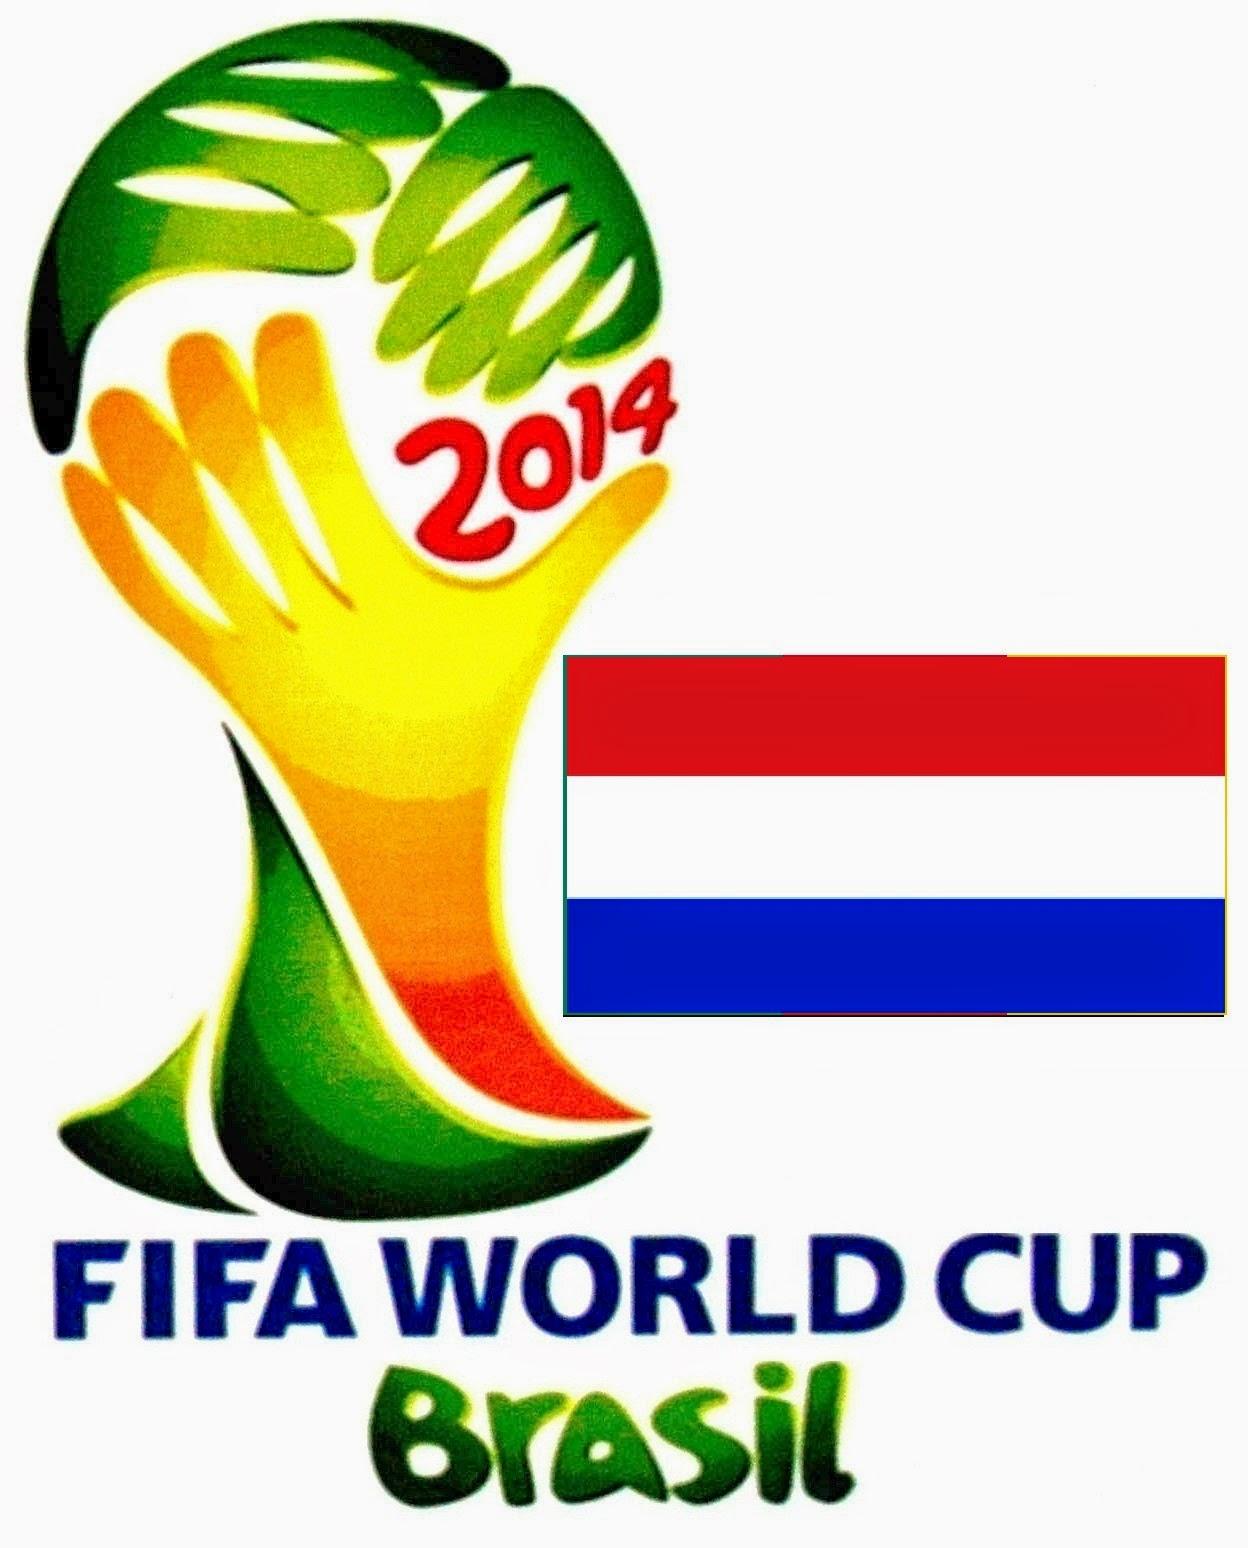 Daftar Nama Pemain Timnas Belanda Piala Dunia 2014